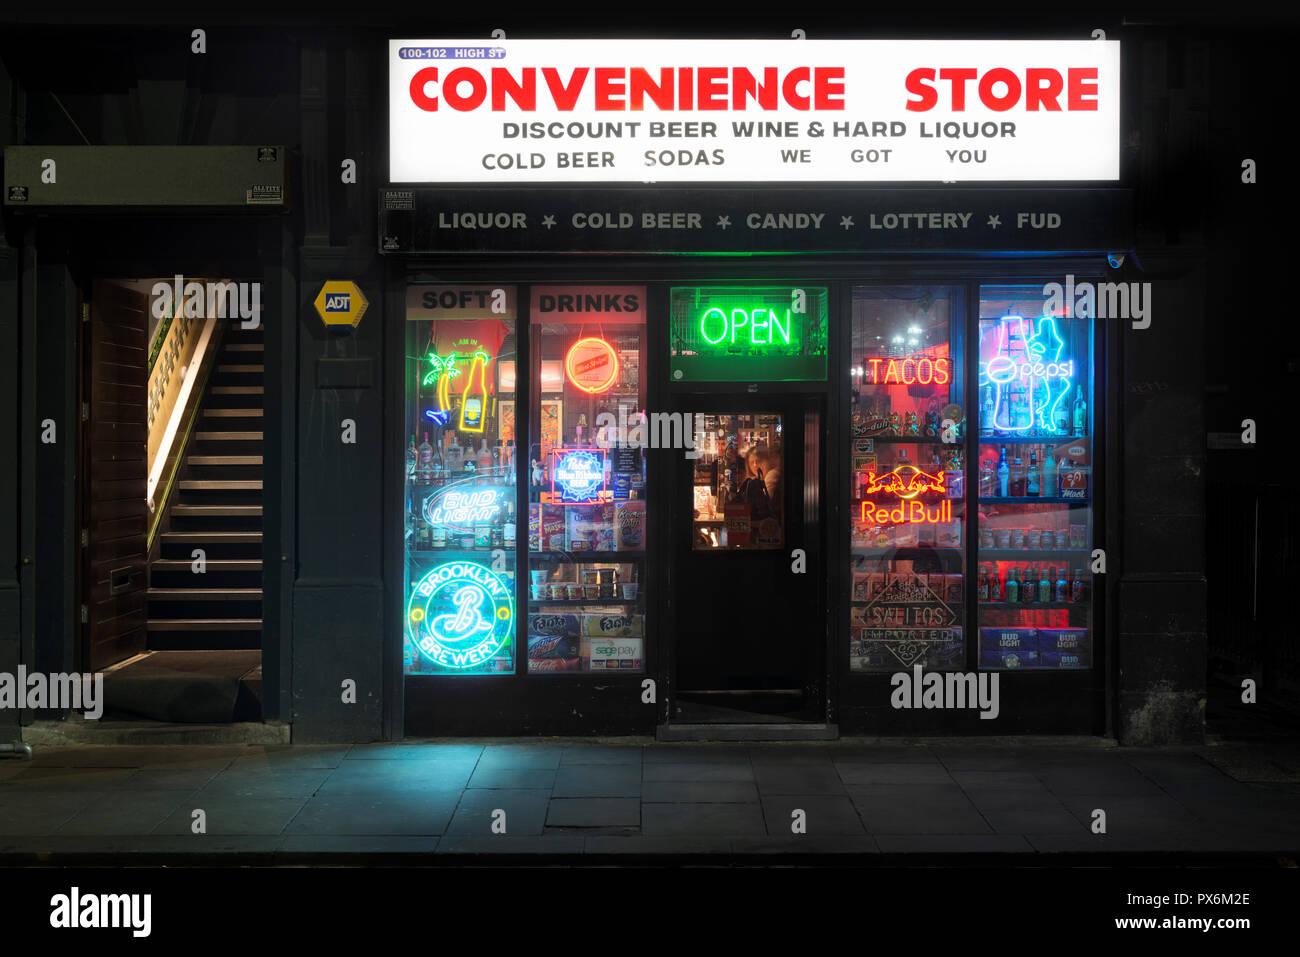 Il minimarket bar situato su High Street nel quartiere settentrionale area del centro della città di Manchester, UK. Immagini Stock